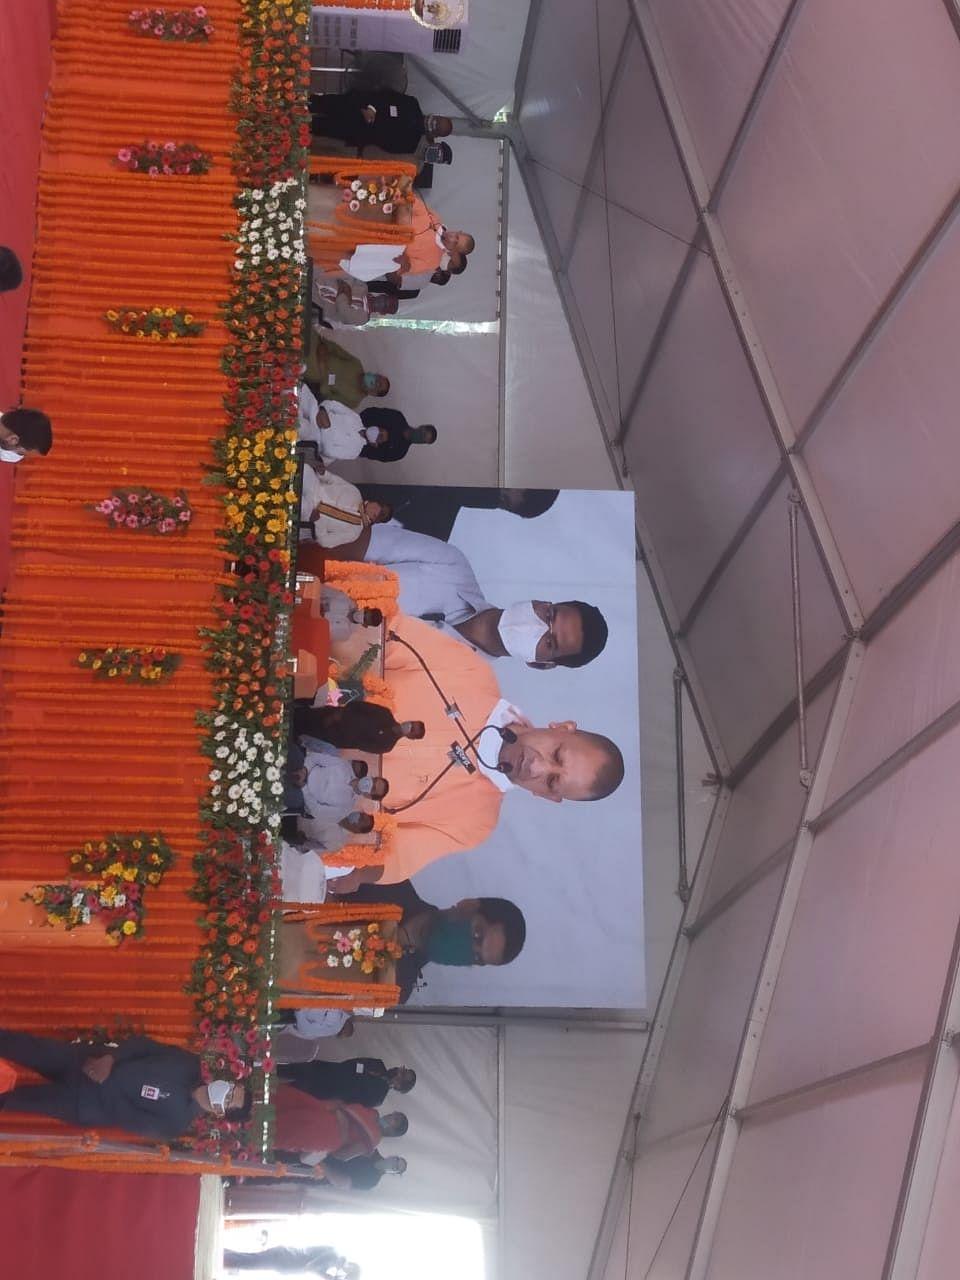 मुख्यमंत्री योगी पहुंचे शक्तिपीठ मंदिर देवीपाटन